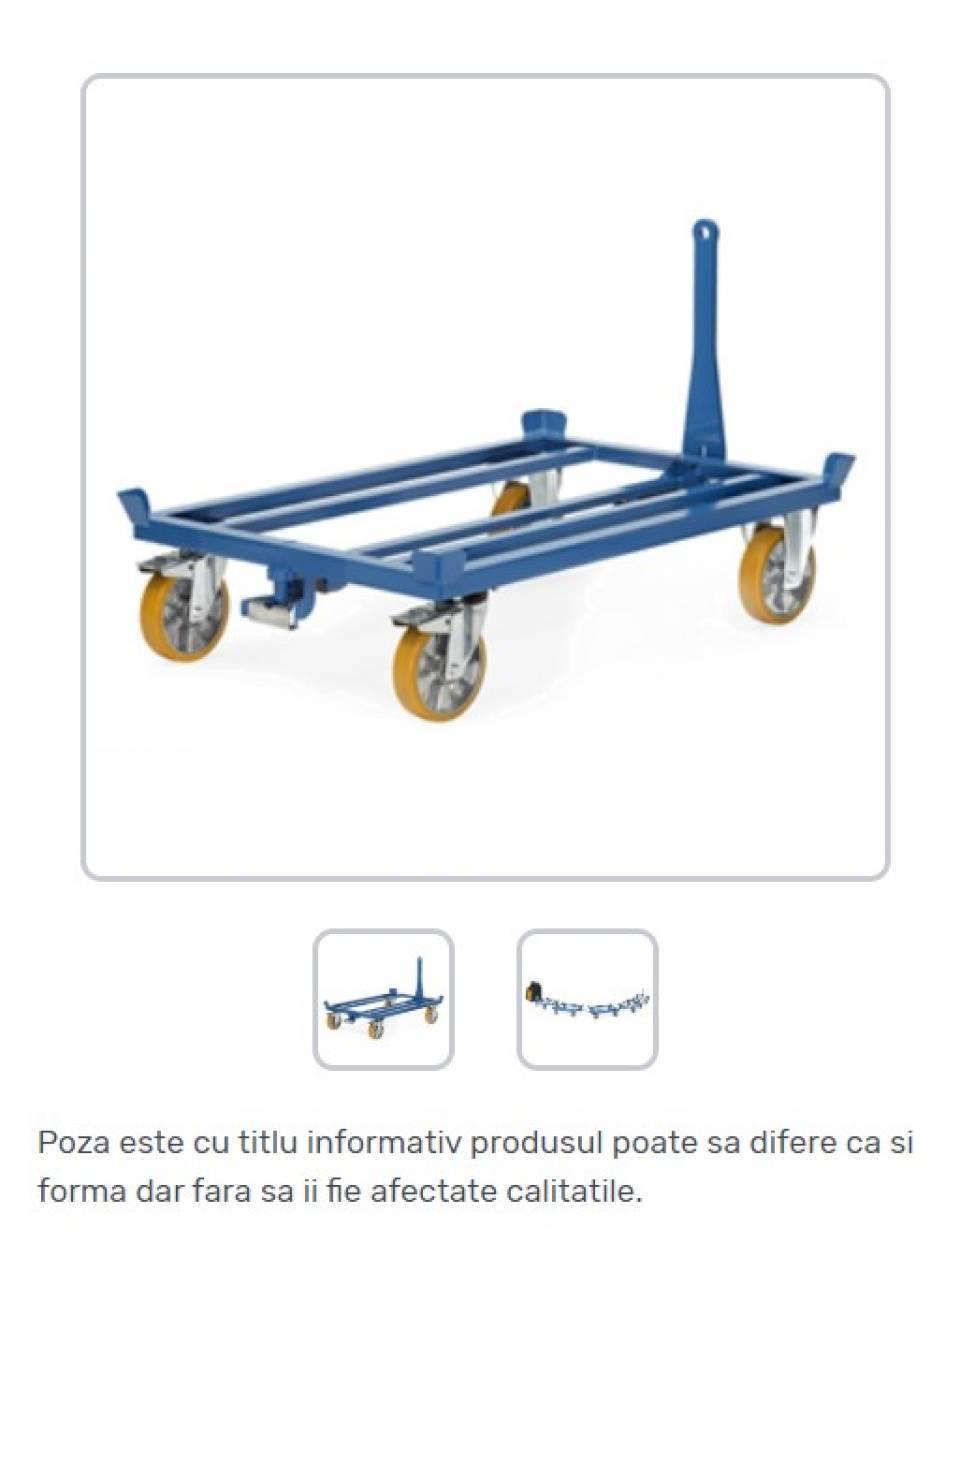 Carucioare pentru paleti EUR 1 cu sistem de tractare42176